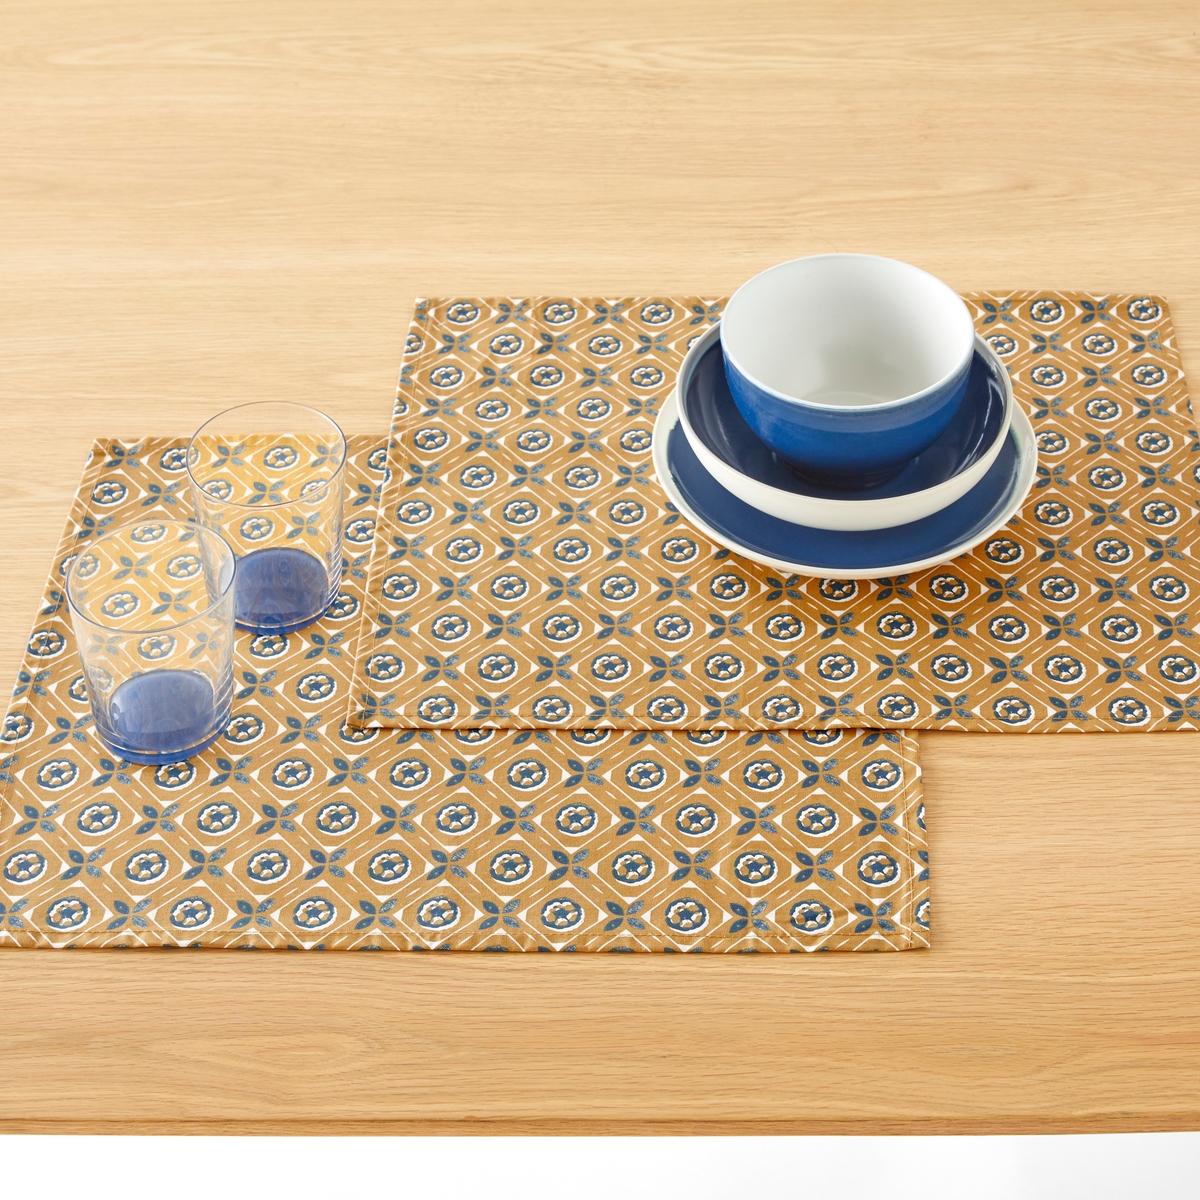 Подложки под столовые приборы из хлопка с пропиткой ORIANE (2 шт) набор подложек под столовые приборы феникс презент чашка чая 45 см х 30 см 4 шт 37380